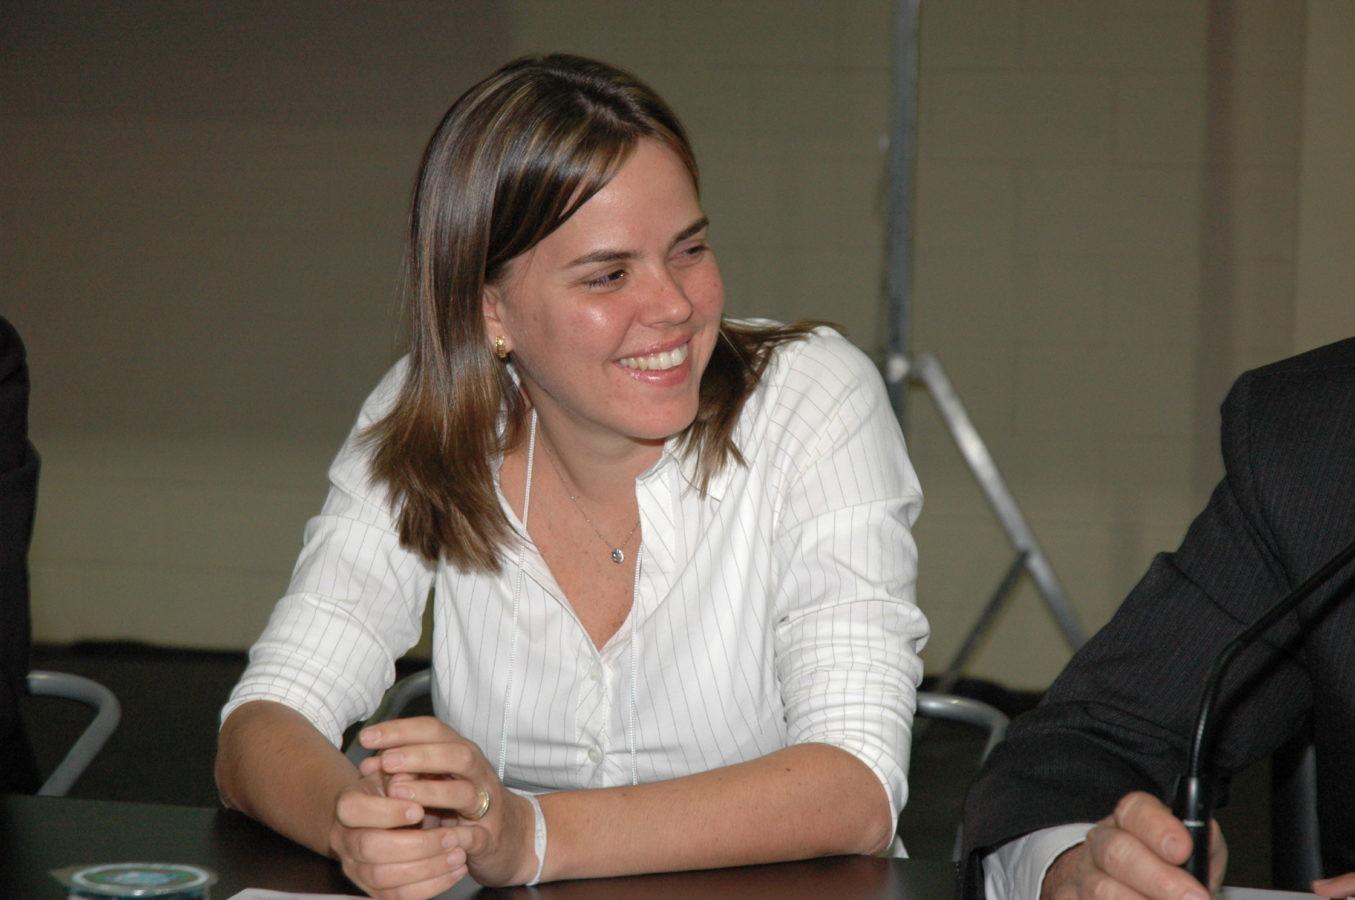 Nossa delegada Erika Krogh, sorridente